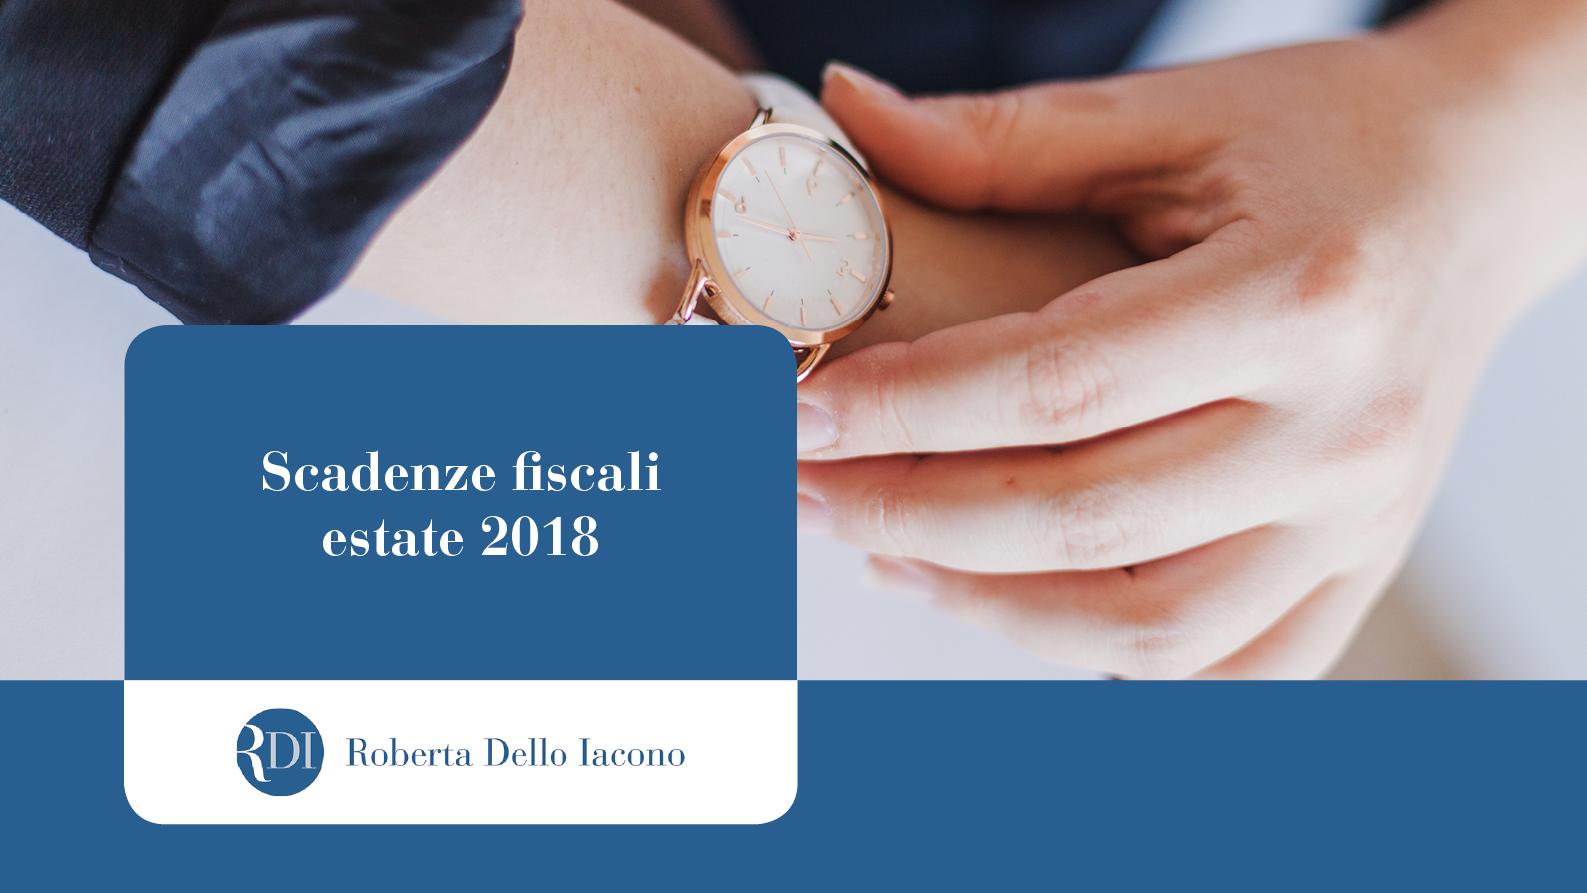 scadenze fiscali estate 2018